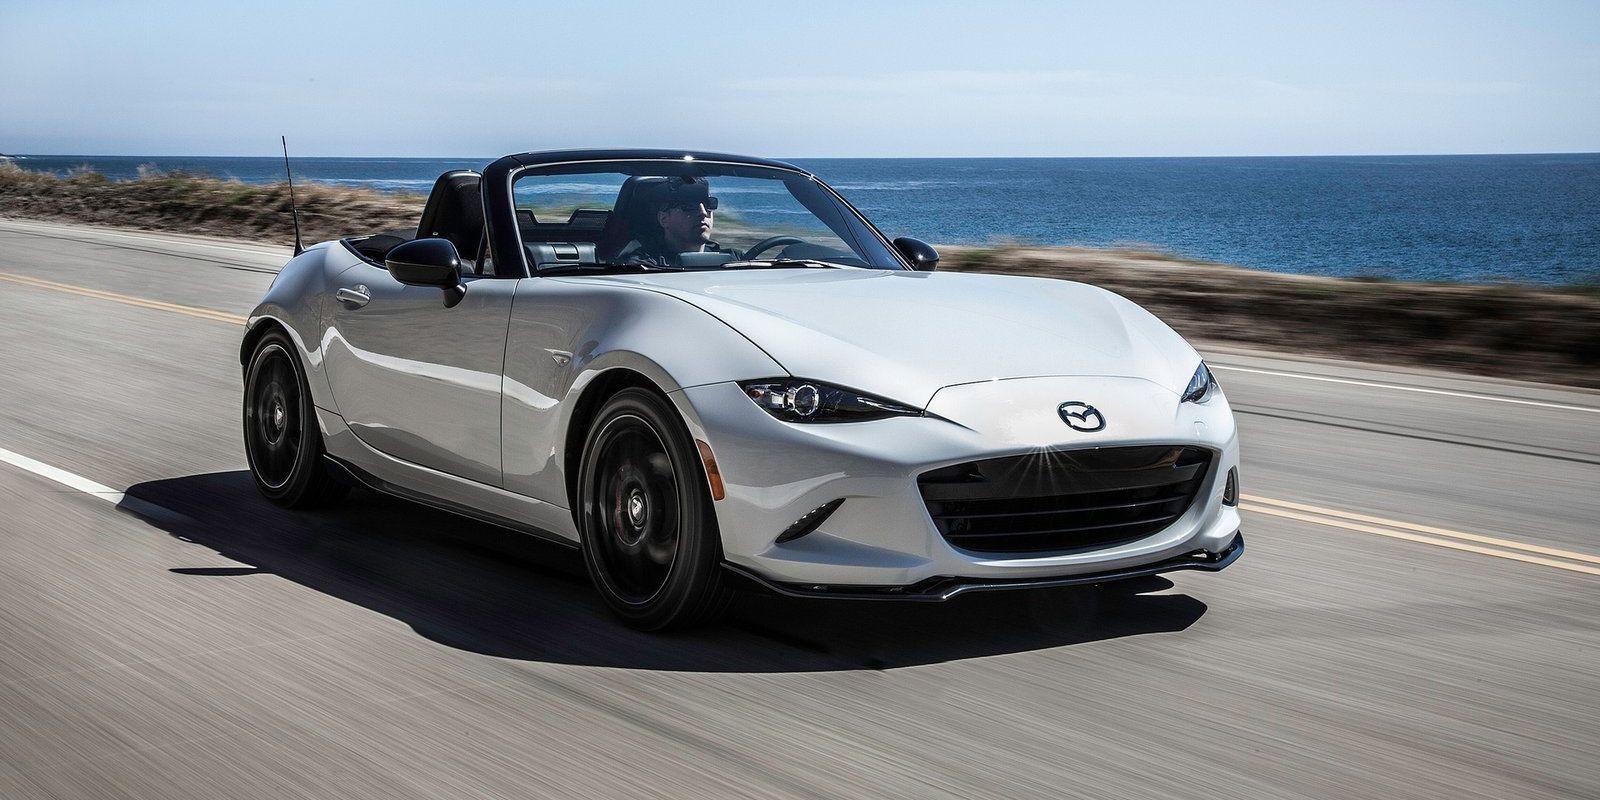 The 25 Best Cars Under 30,000 in 2020 Mazda mx5 miata